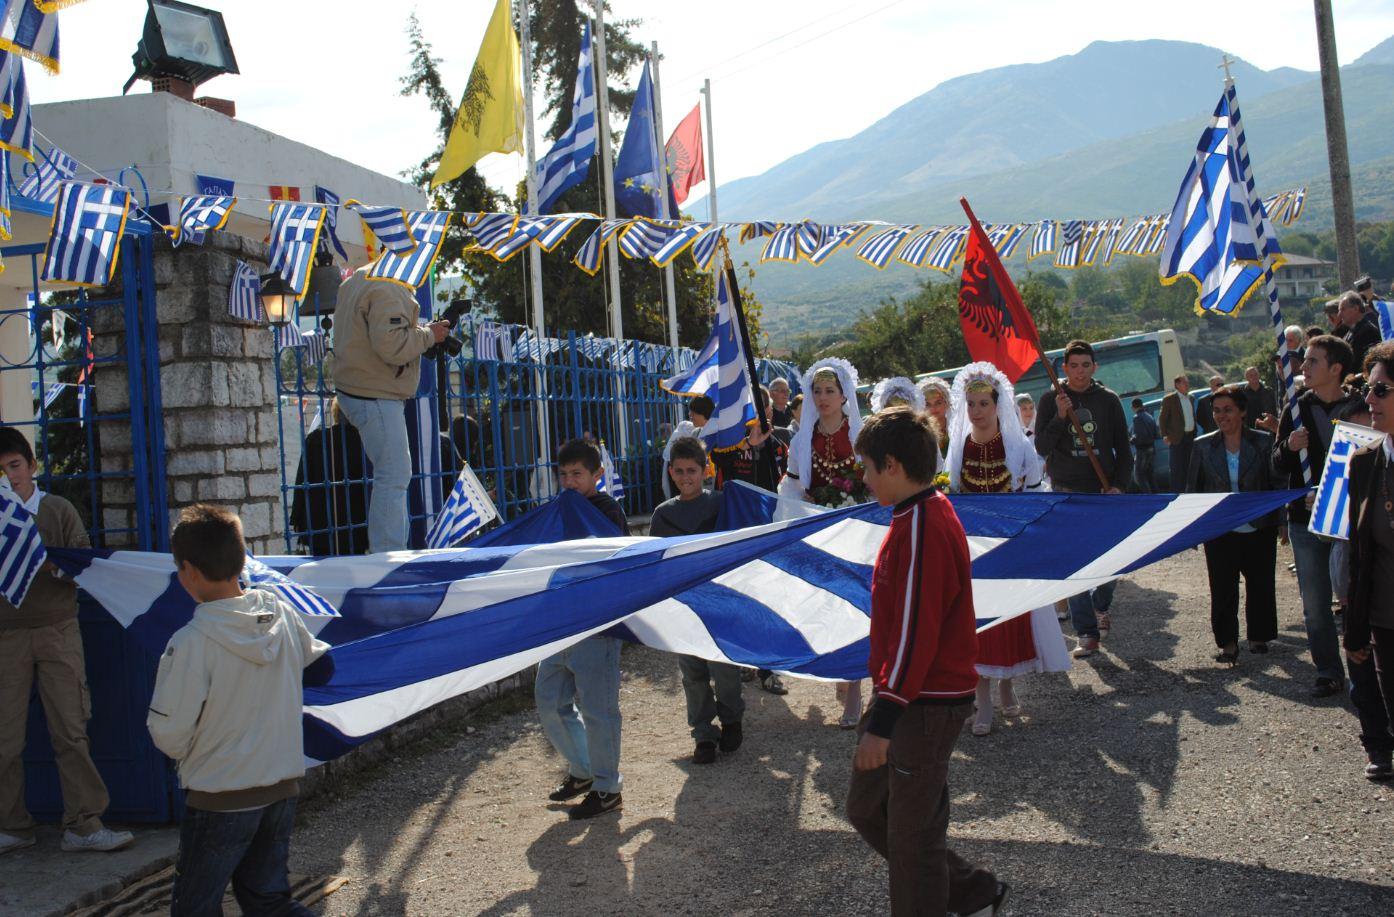 """""""Εθνοκάθαρση"""" της Ελληνικής μειονότητας από τους Αλβανούς: Γκρεμίζουν σπίτια, φυλακίζουν κόσμο – Μάχες σώμα με σώμα"""